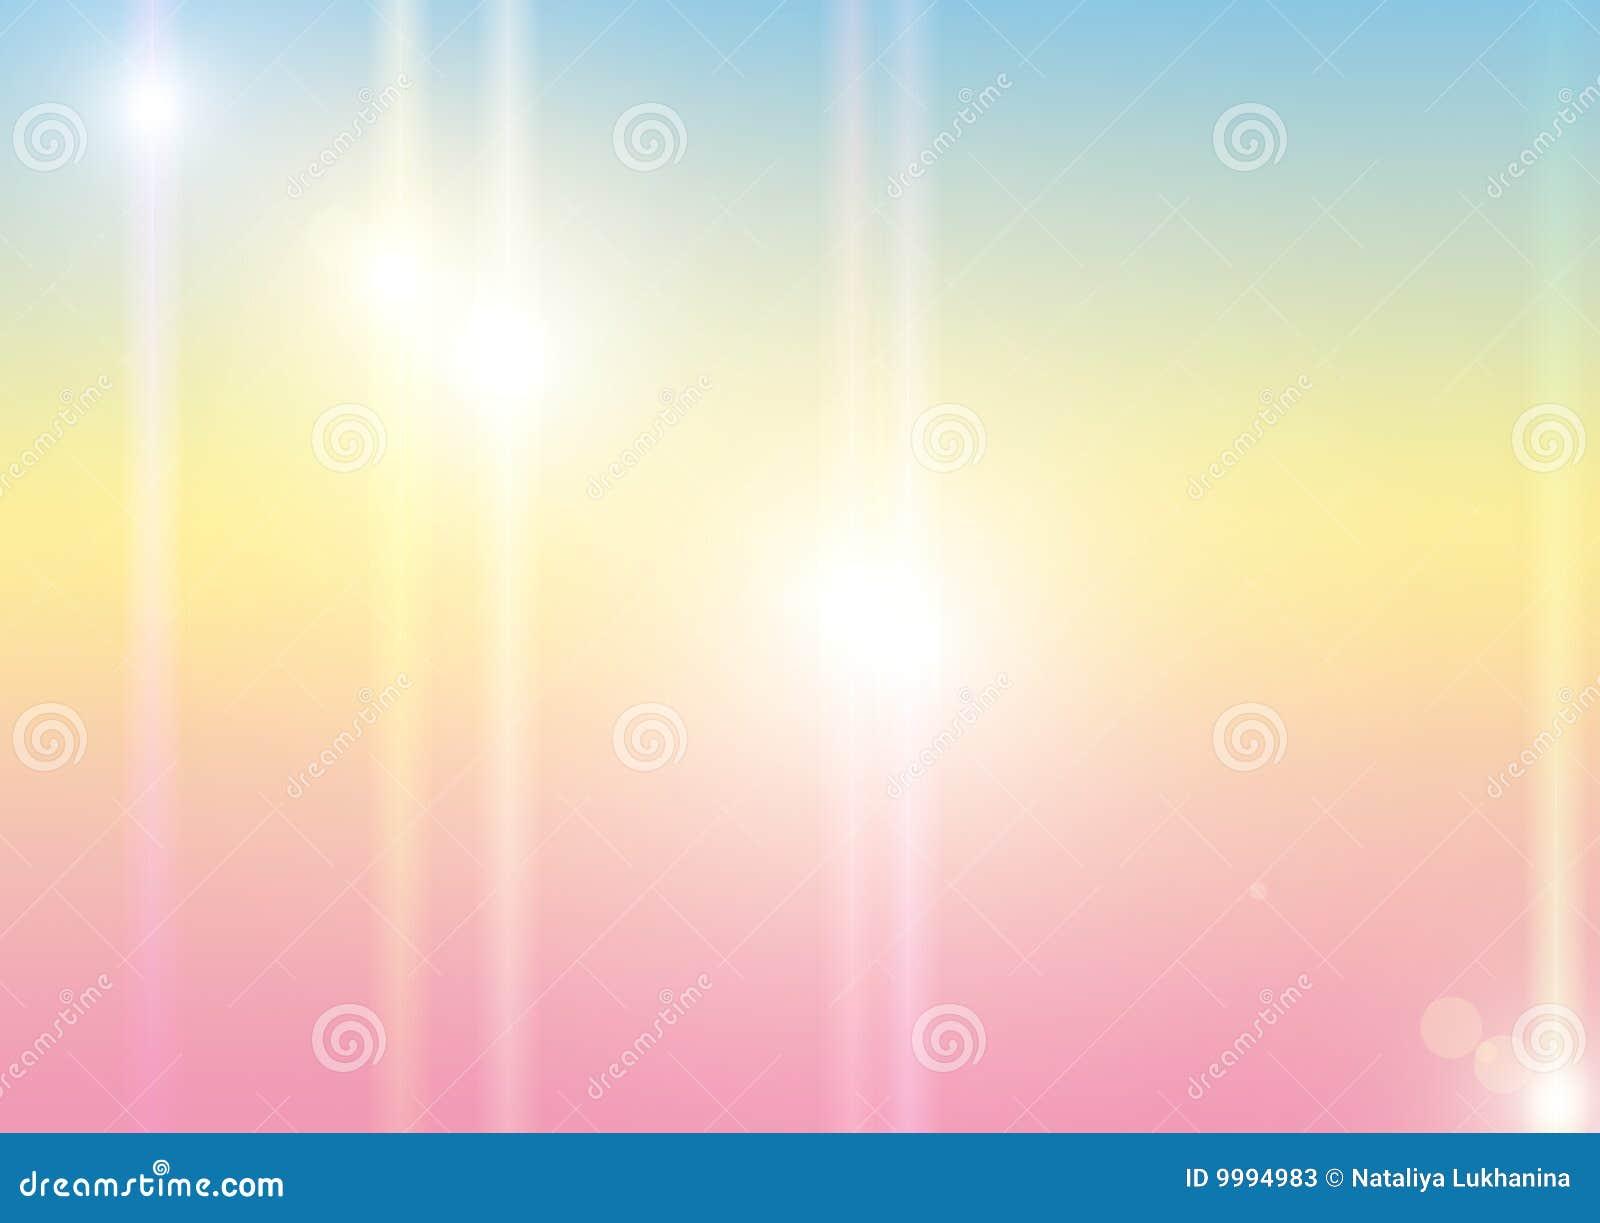 Fondo Abstracto En Tonos En Colores Pastel Fotos De